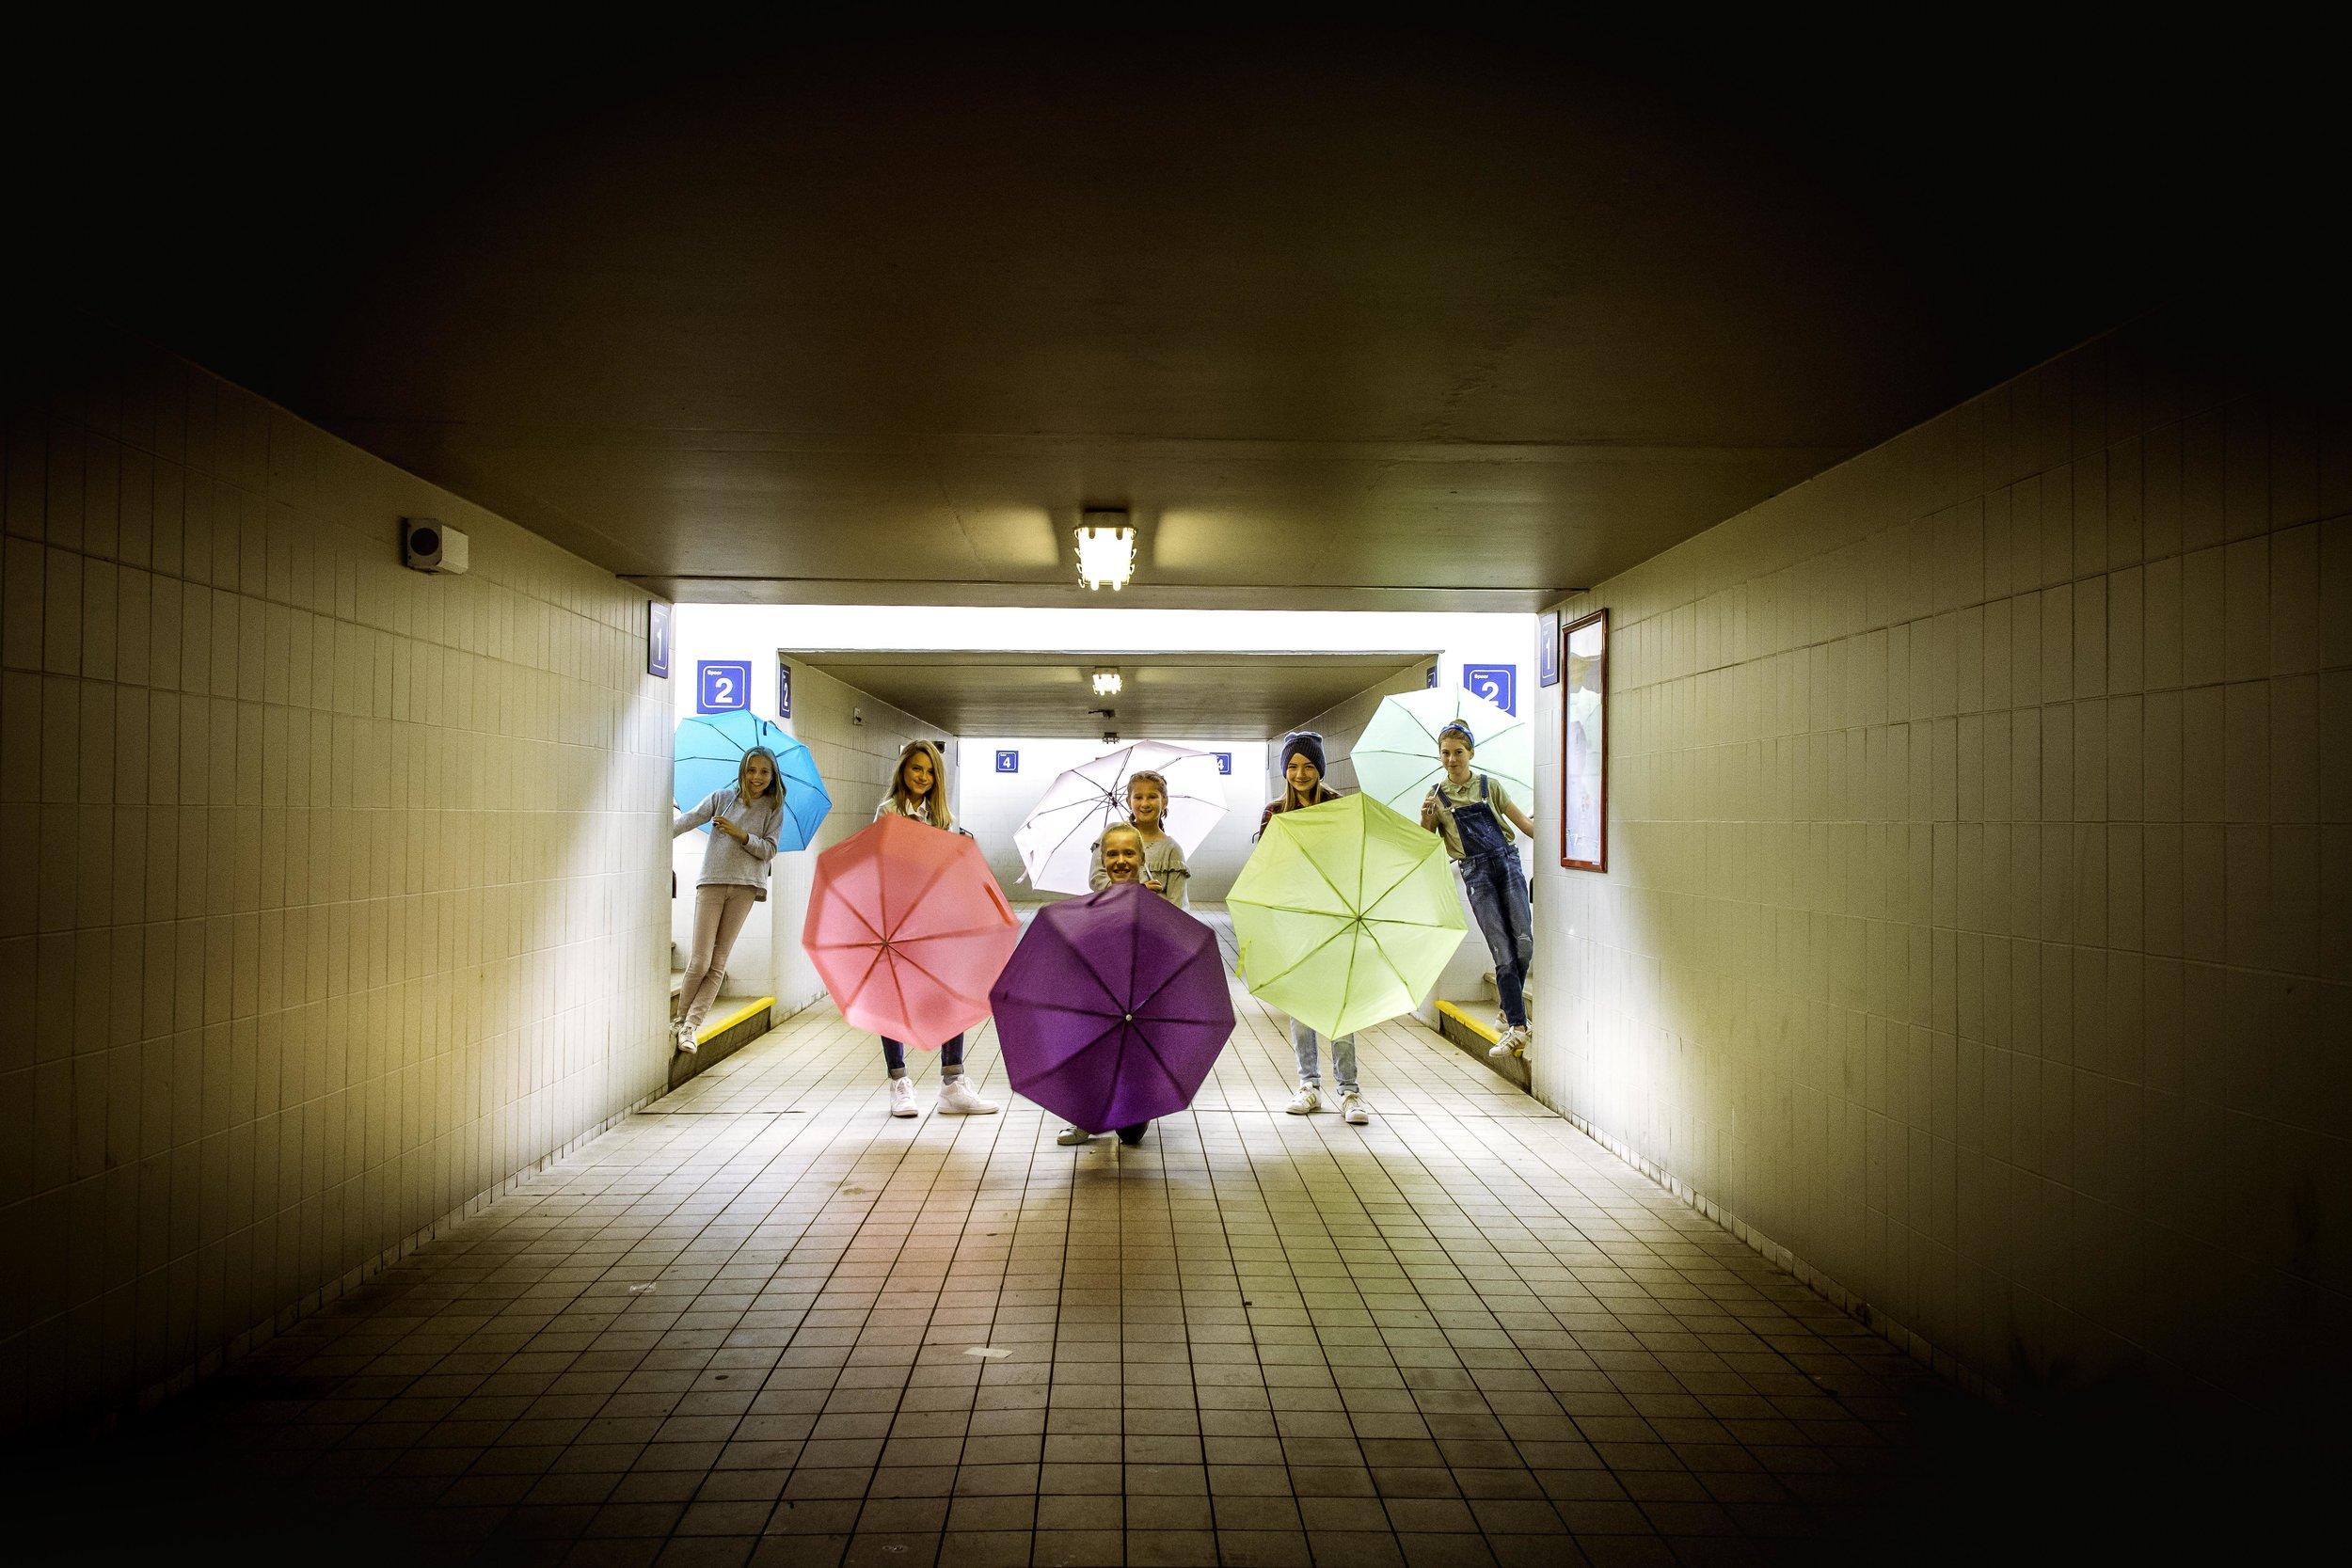 viewfinder-creativeboody-fotoshoot-origineel-verjaardagsfeestje-tieners-jasmijn-12.jpg